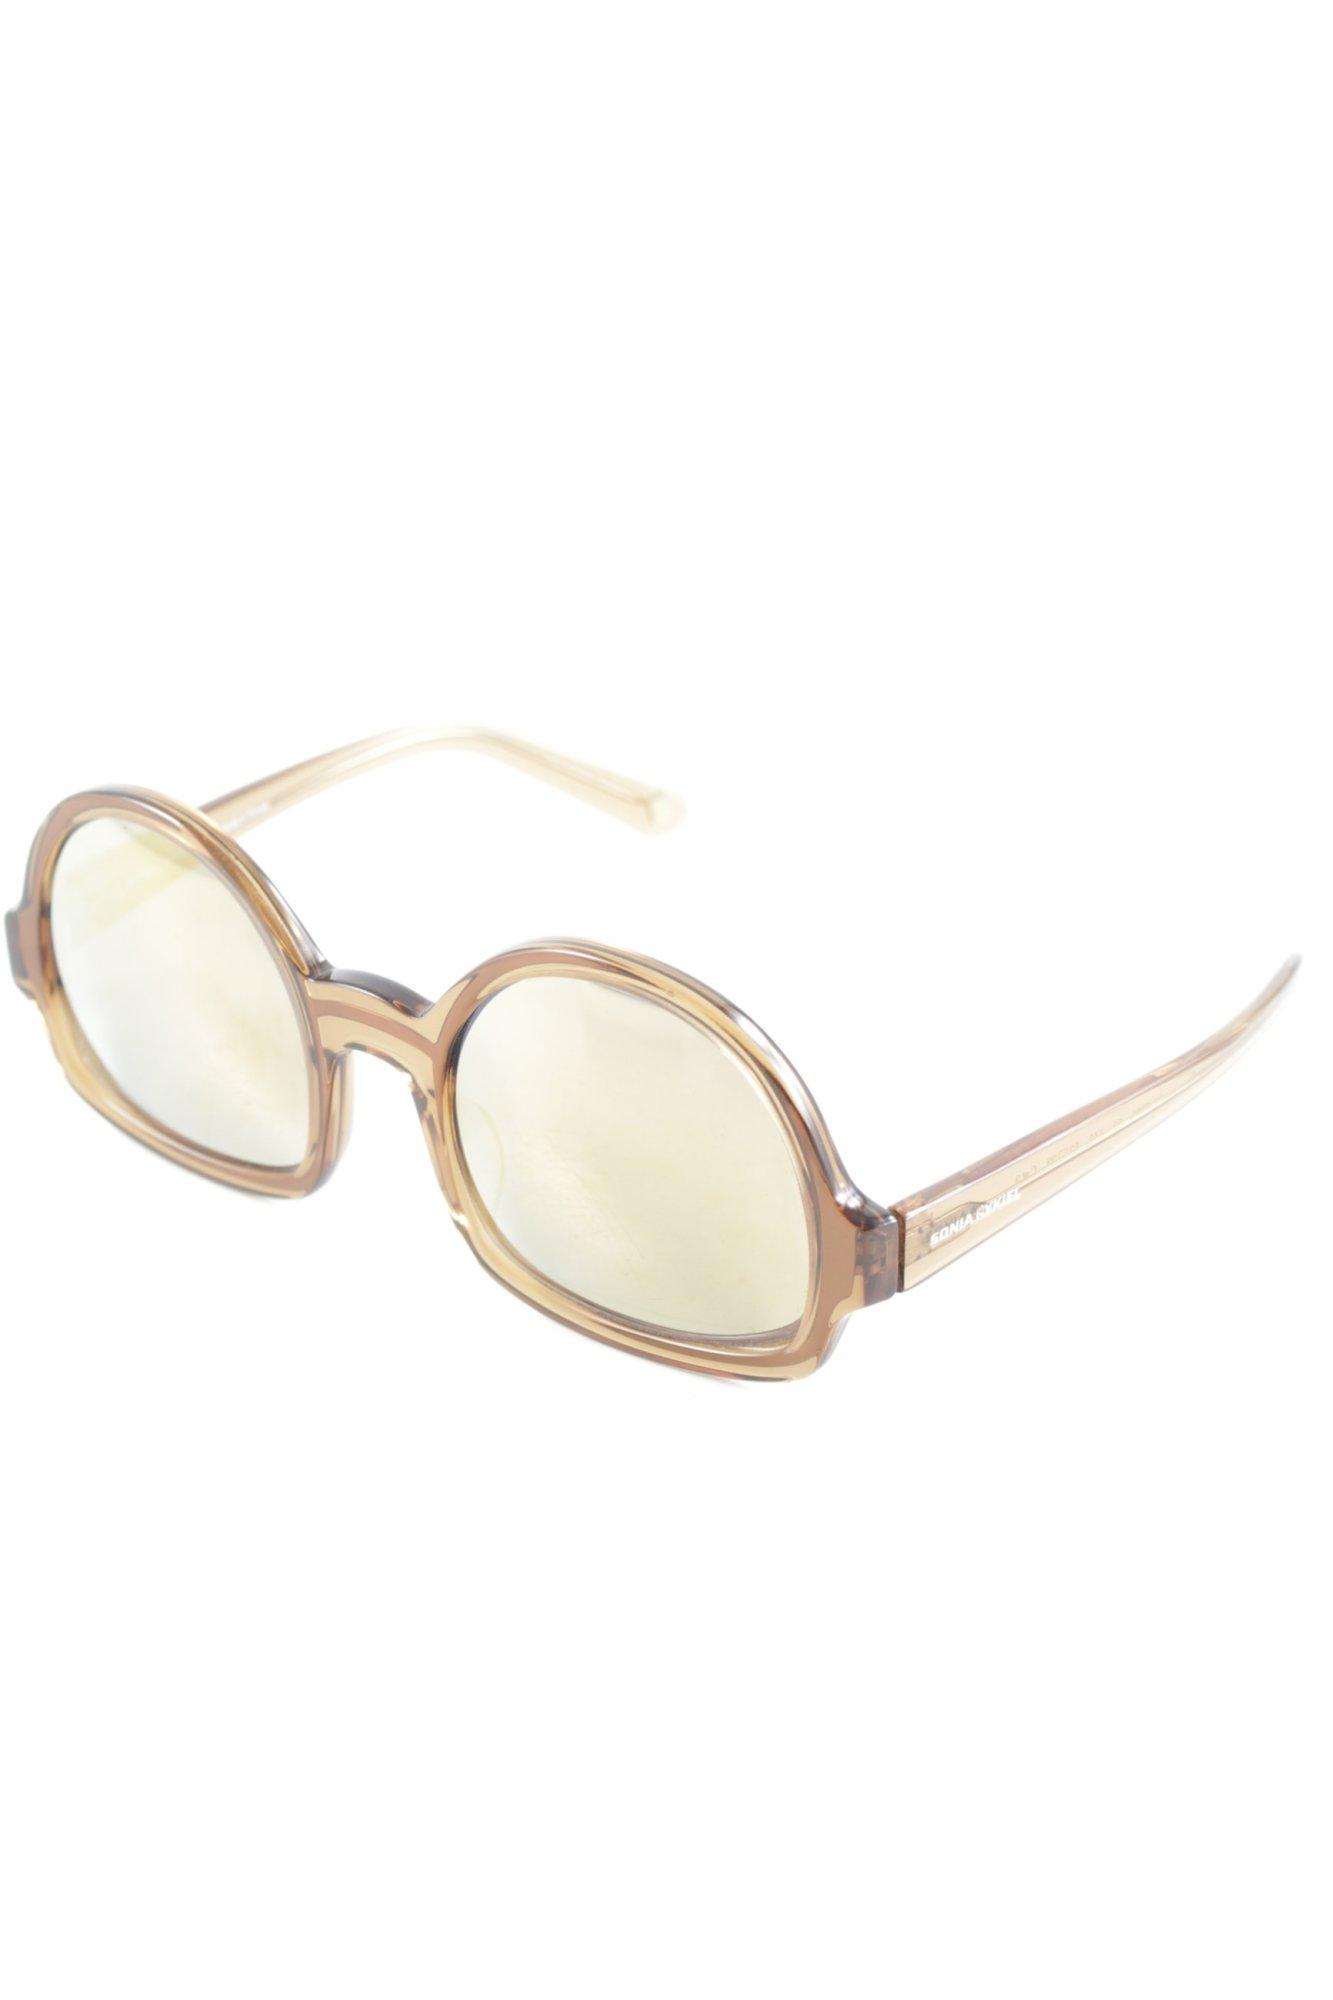 SONIA RYKIEL Lunettes retro marron clair style rétro Dames Lunettes de  soleil b4408d4918fd